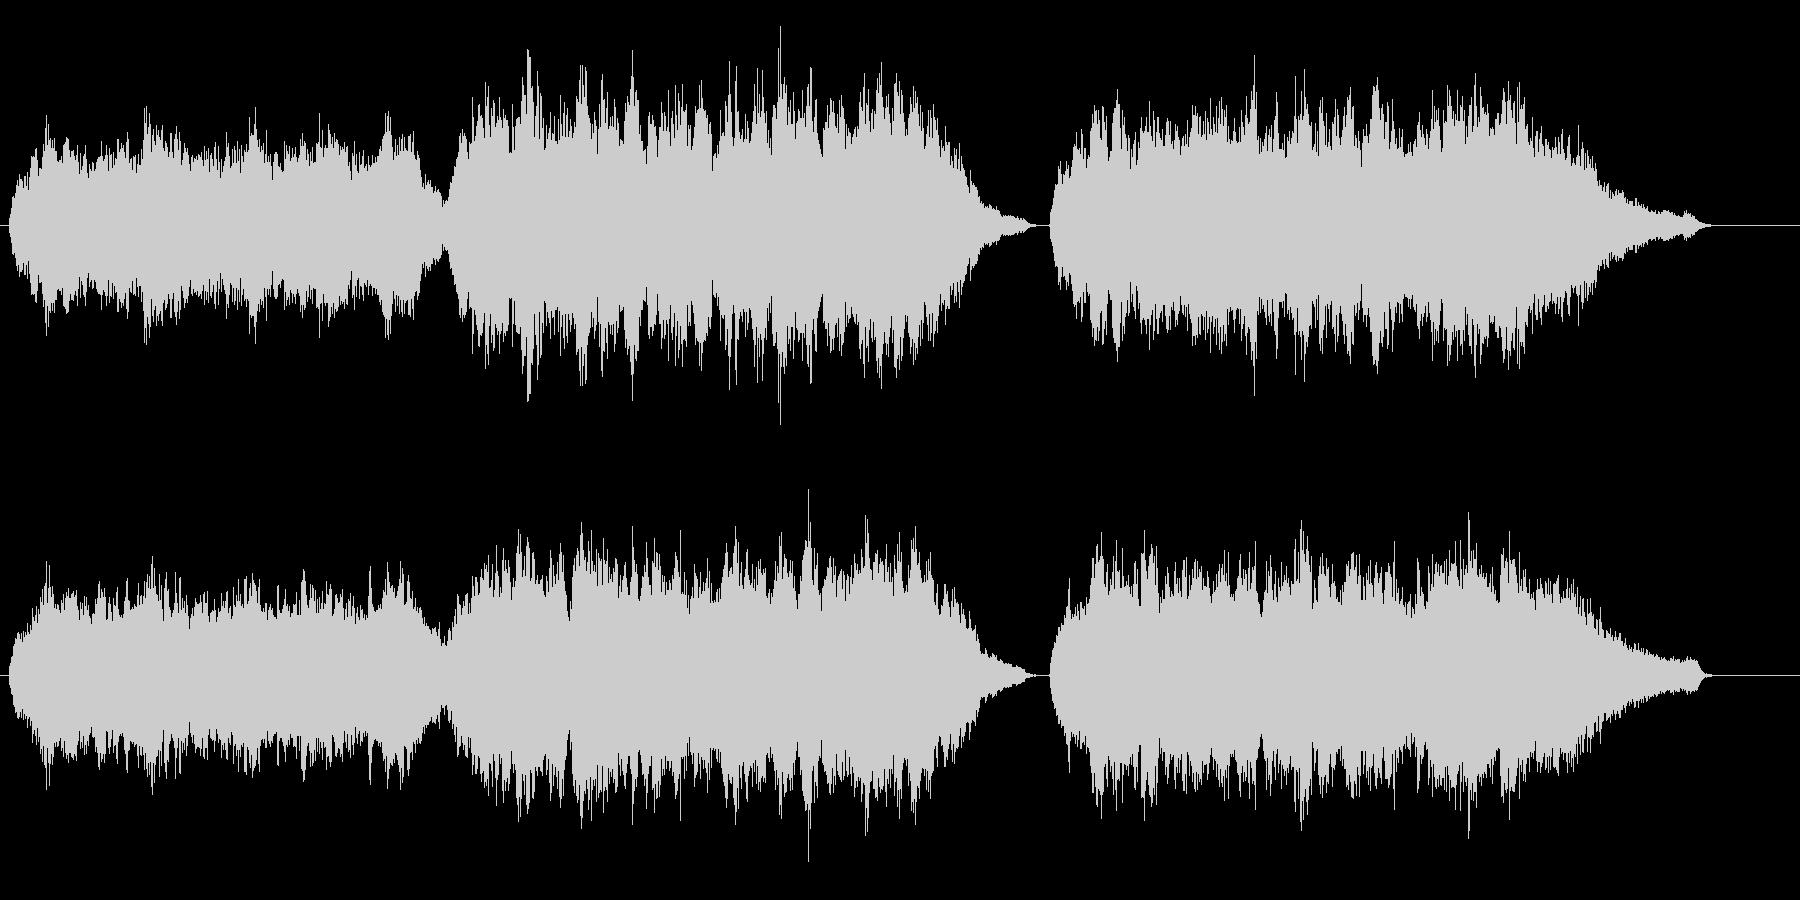 感動的な雰囲気のオーケストラバラードの未再生の波形